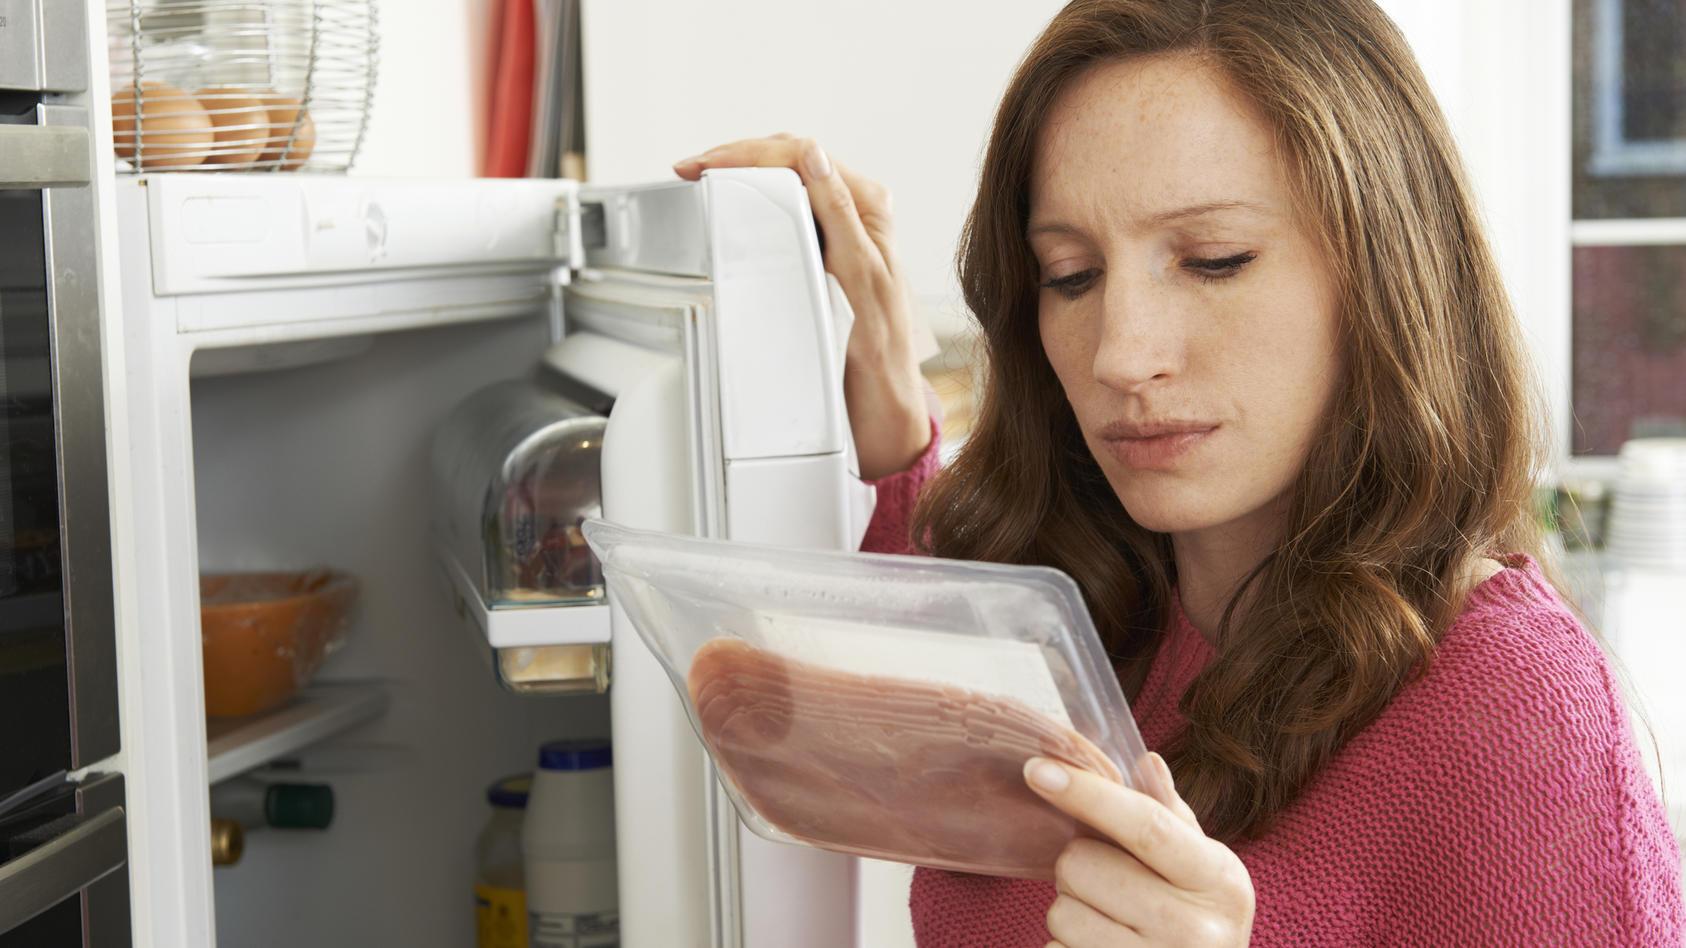 Die meisten Lebensmittel sind auch nach Ablauf des Mindesthaltbarkeitsdatums noch völlig einwandfrei.